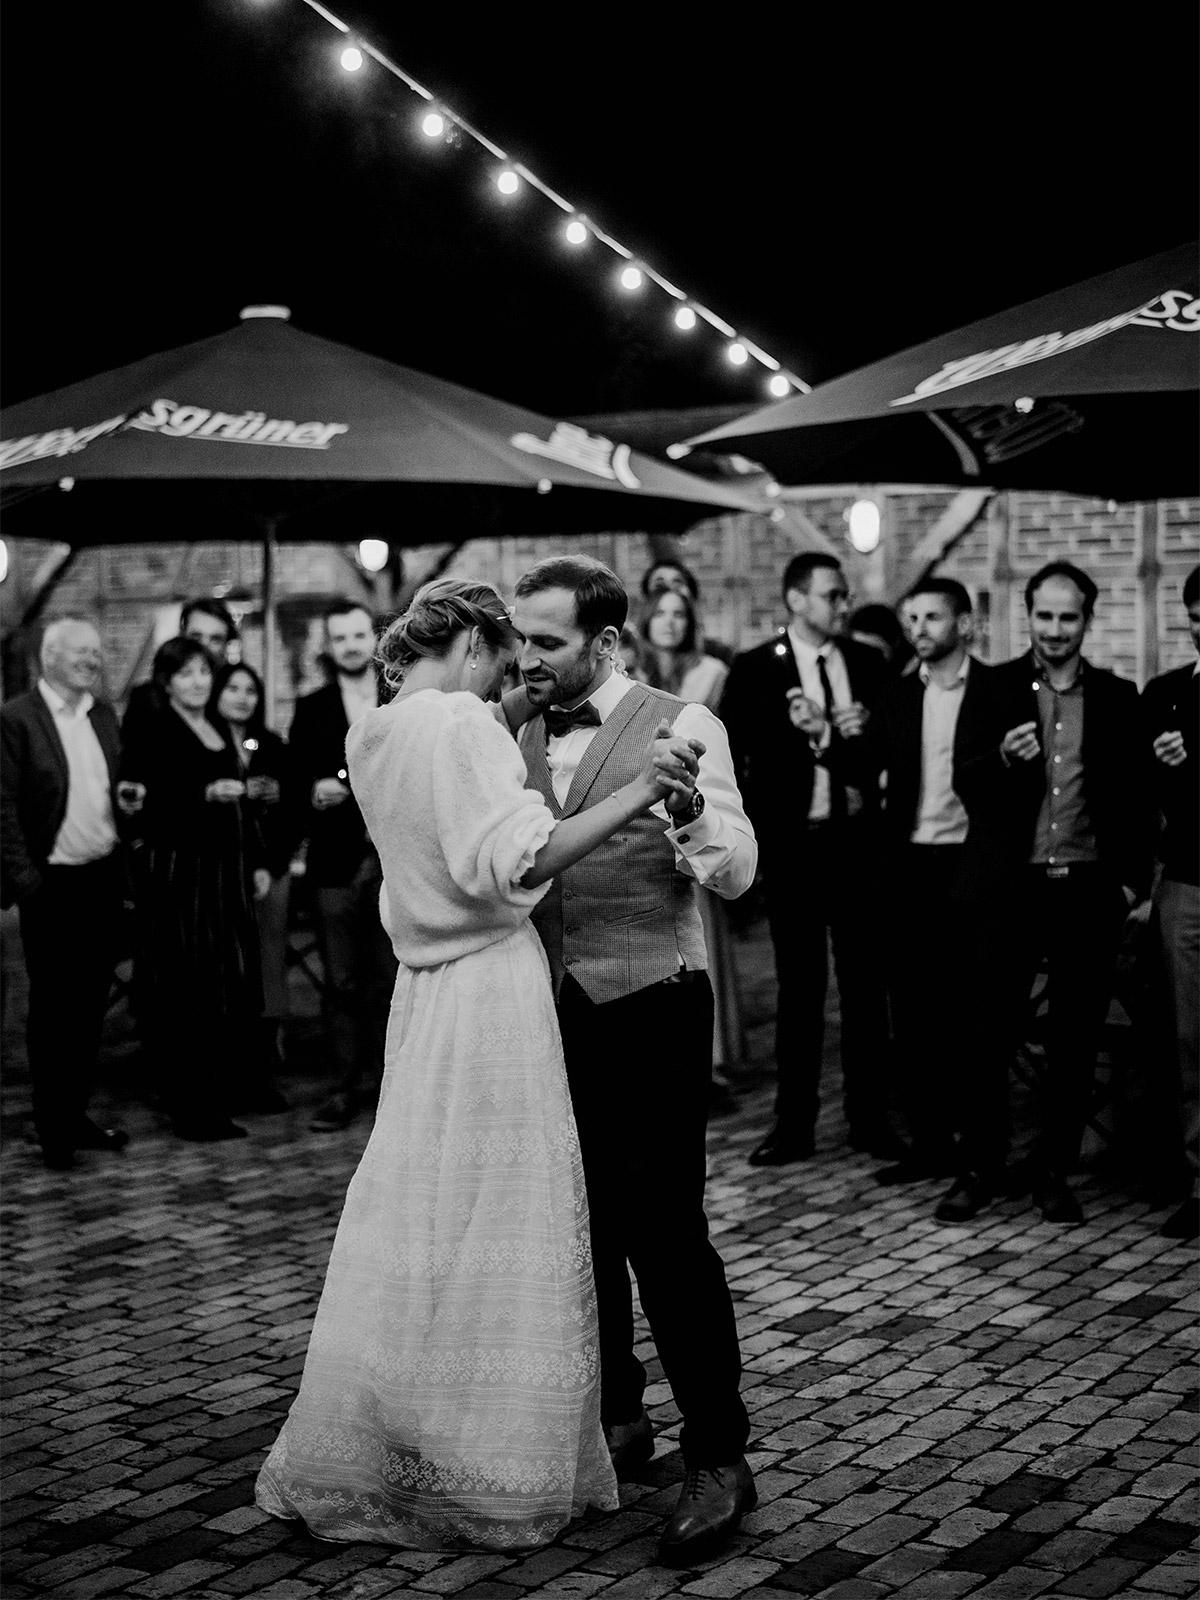 Hochzeit Ideen zur Feier: Der Hochzeitstanz gehört wohl zu jedem Programm. So auch bei dieser Herbsthochzeit zur Corona-Zeit. Nur musste der Tanz nach der Standesamthochzeit unter freiem Himmel statt finden was trotzdem sehr schön war. Mehr Hochzeitsmomente im Blog von © www.hochzeitslicht.de #hochzeitslicht